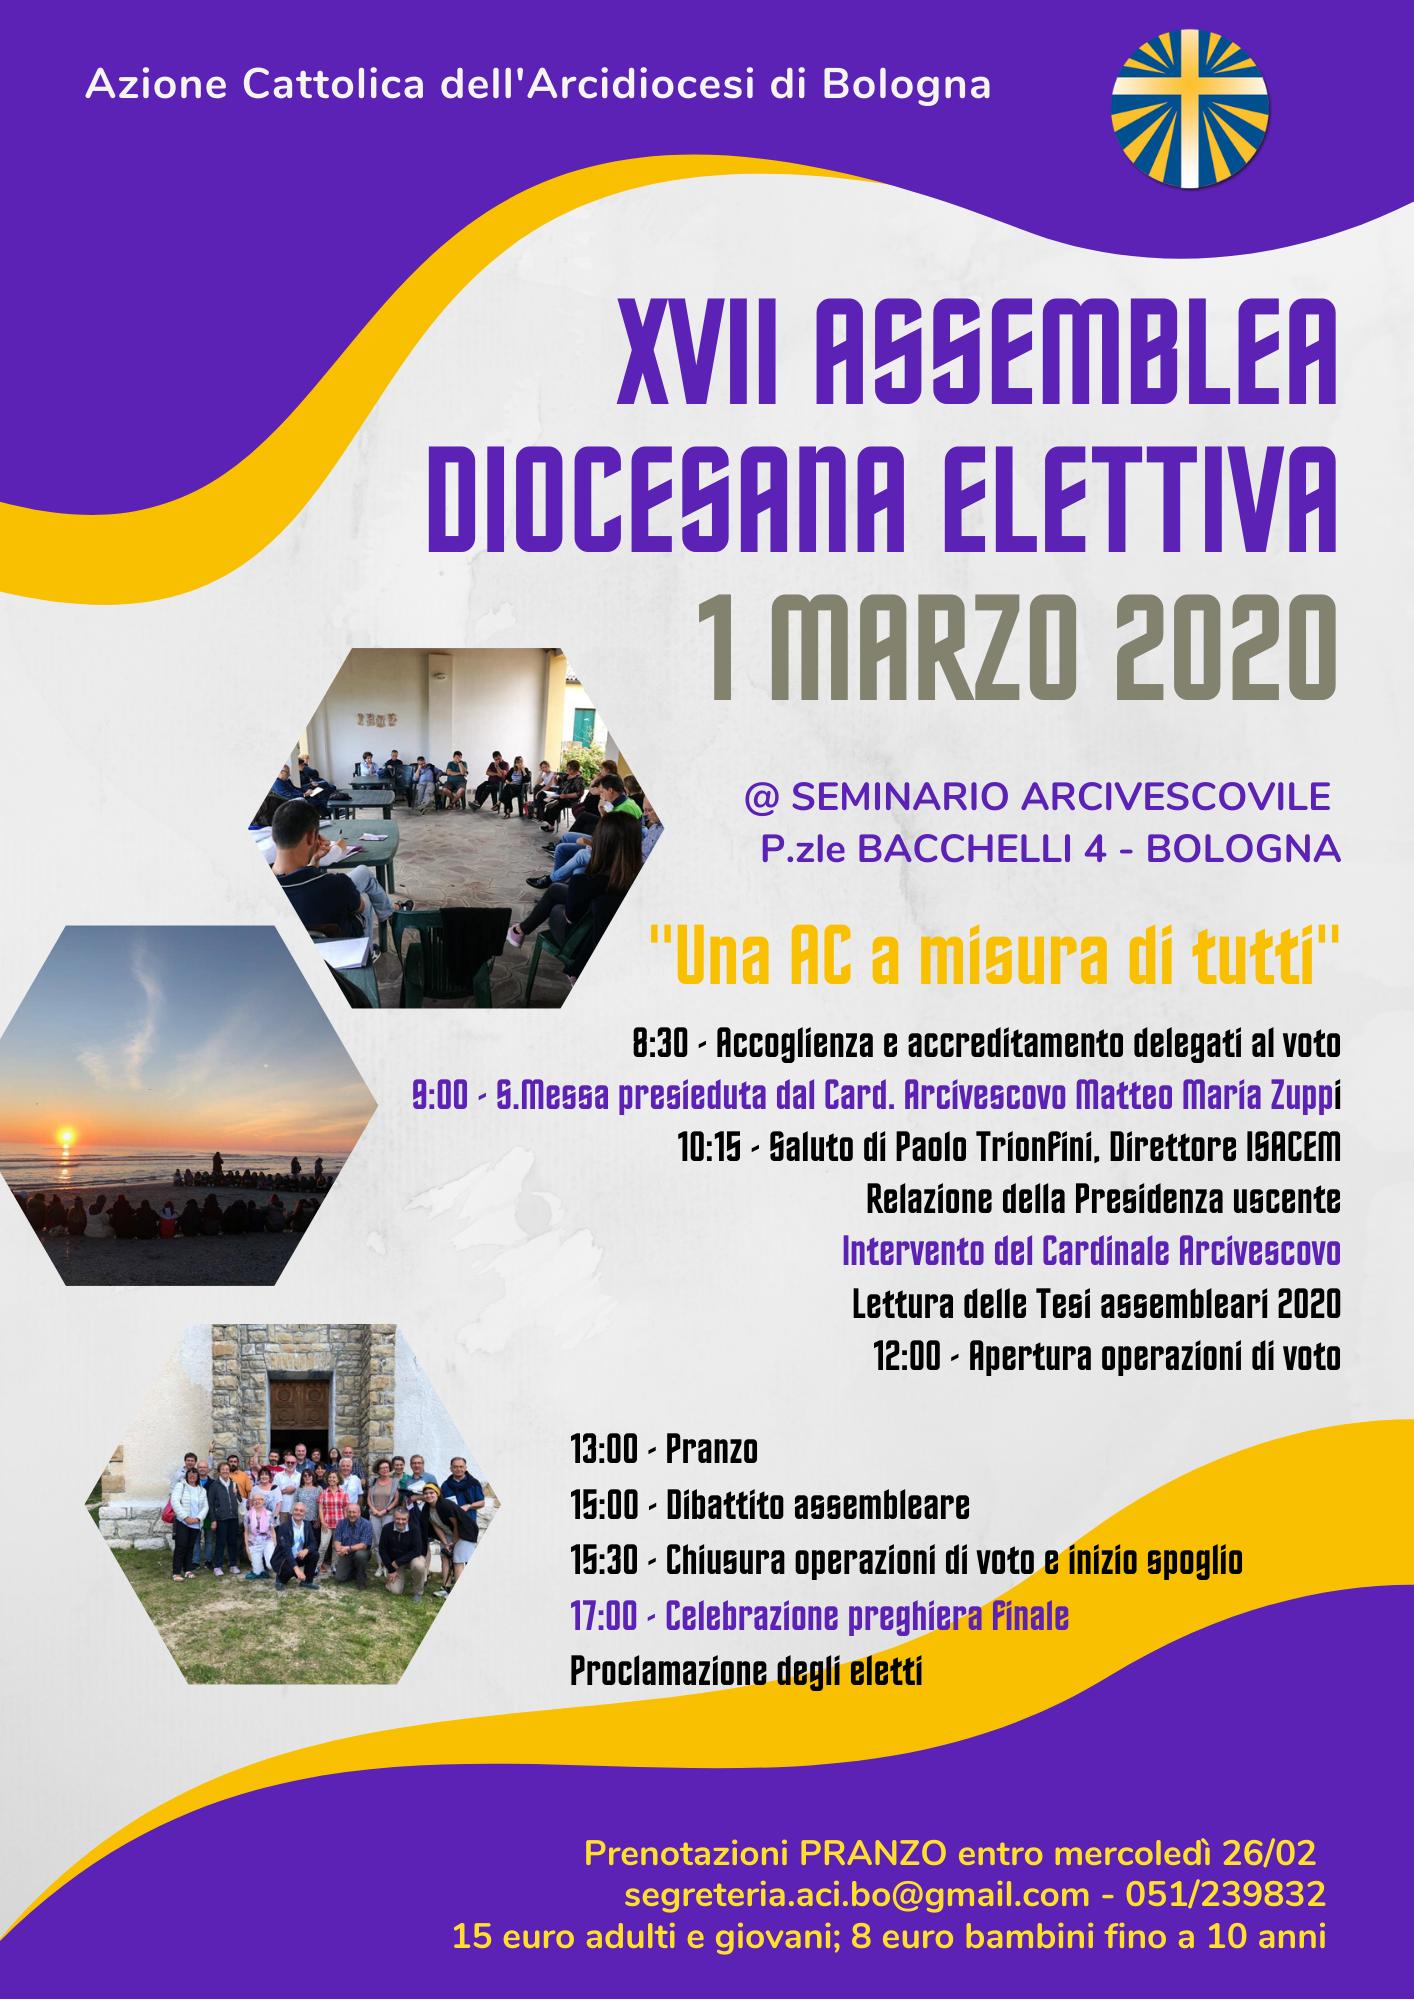 ASSEMBLEA DIOCESANA ELETTIVA (rimandata) @ Seminario arcivescovile di Bologna